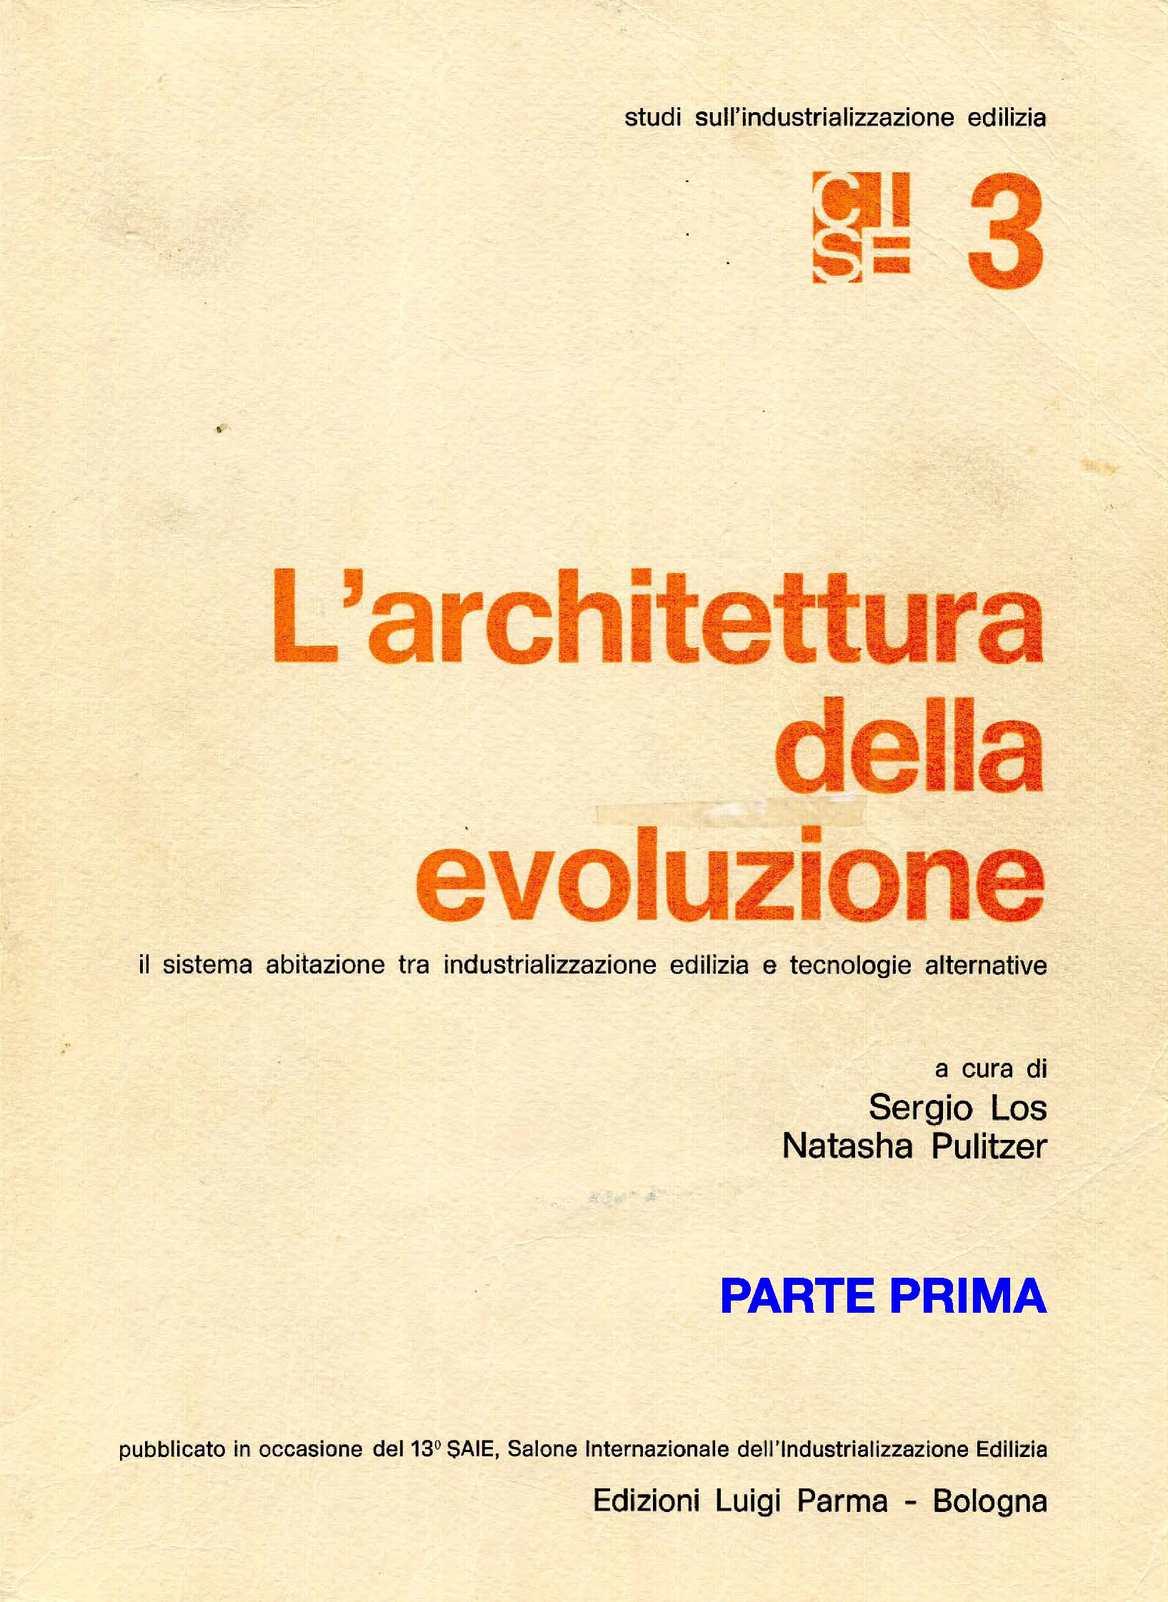 L'ARCHITETTURA DELL'EVOLUZIONE_PARTE 1